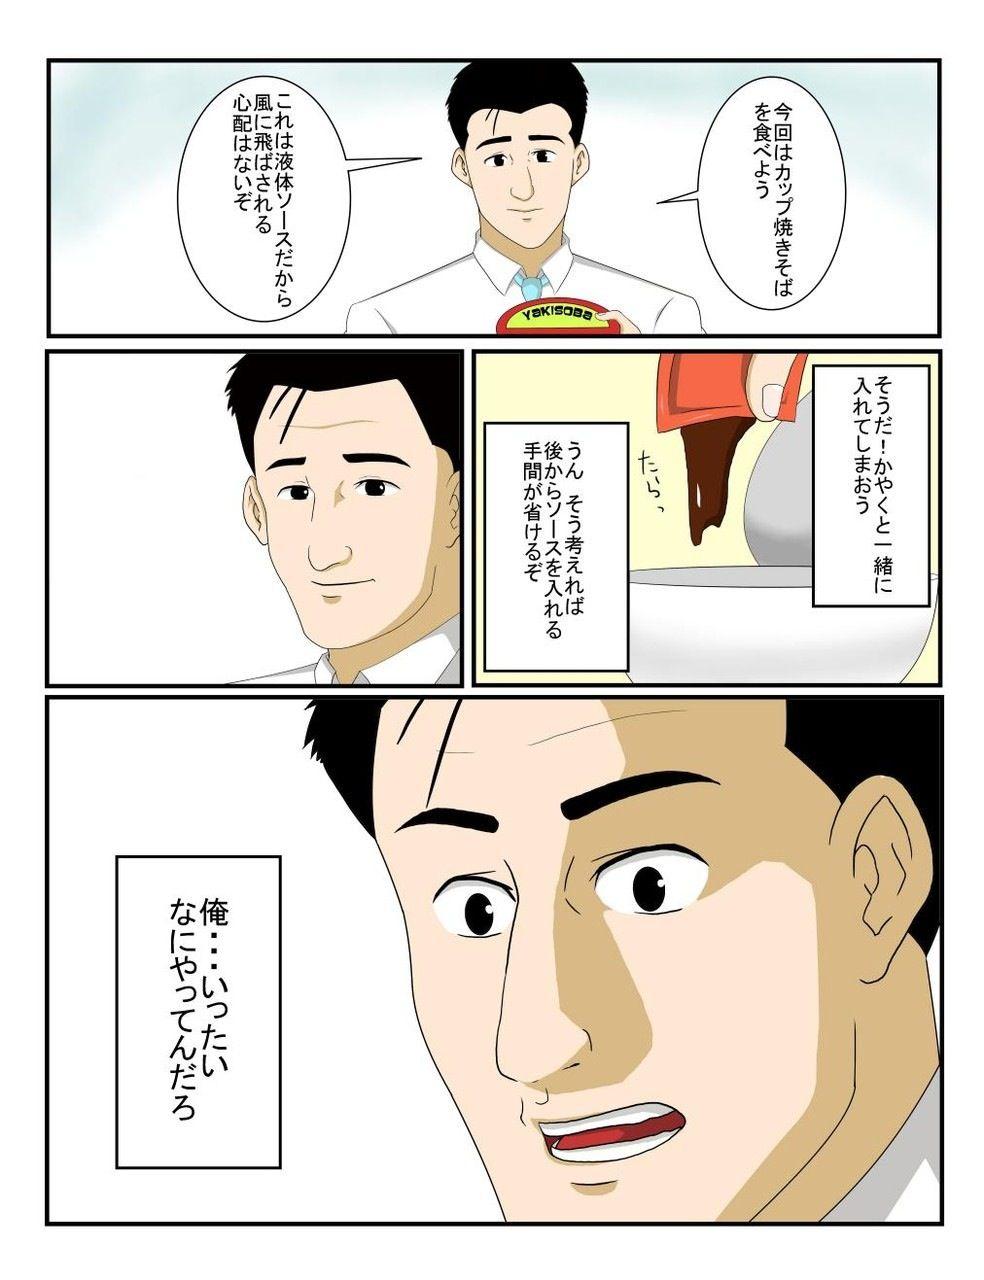 新入荷アイテム!!_b0200198_21261843.jpg